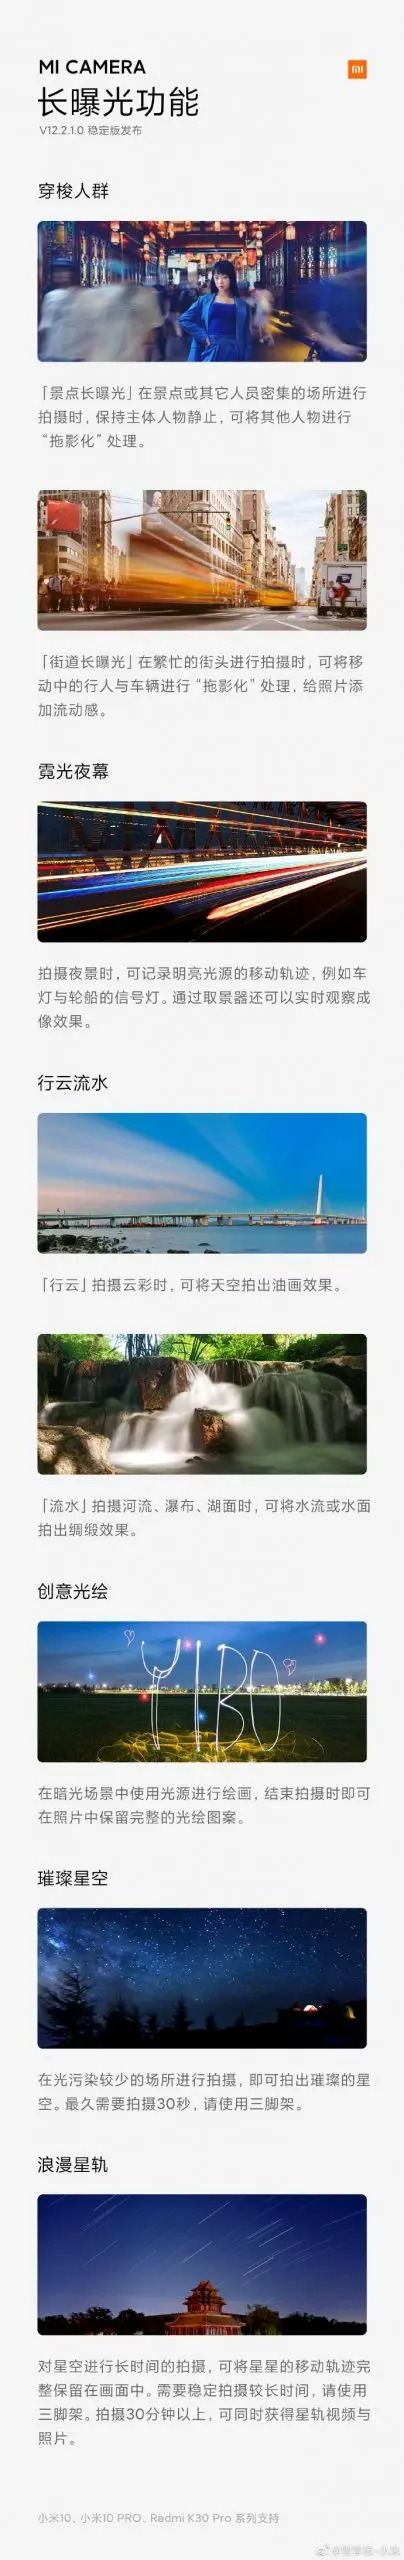 xiaomi miui 12.2.1.0 aggiornamento novità